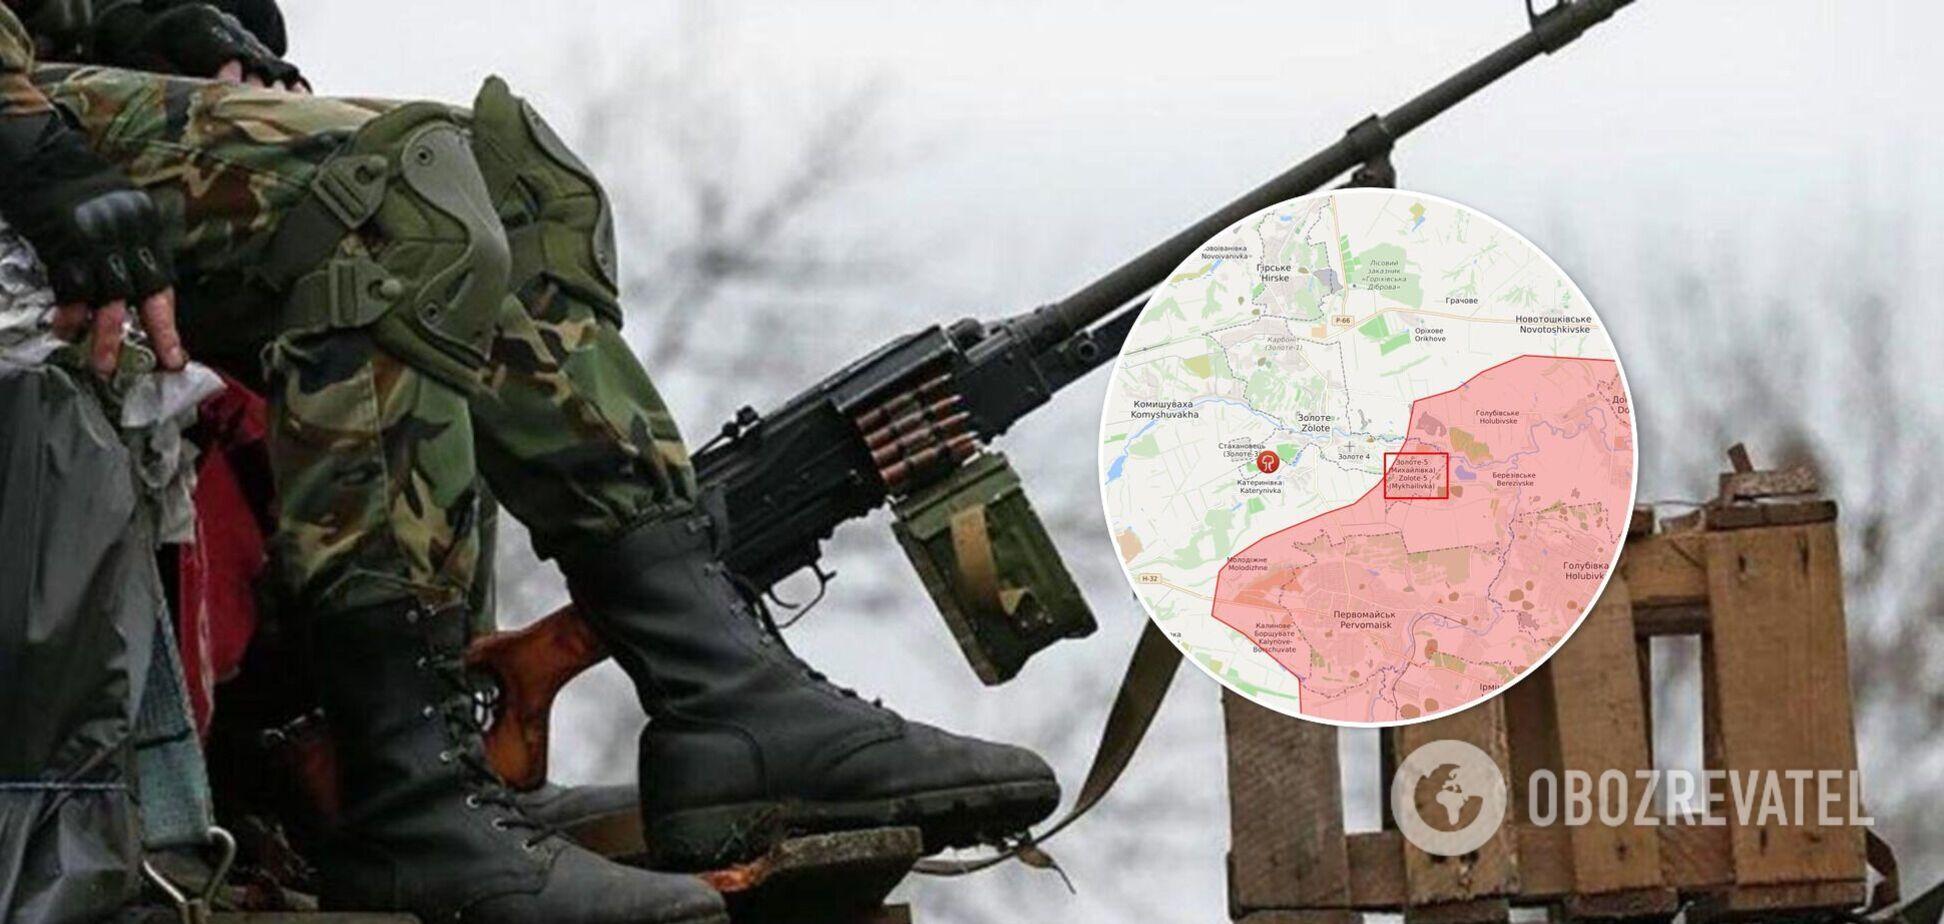 На Донбассе, отмечая День космонавтики, застрелился оккупант: командование обвинило ВСУ